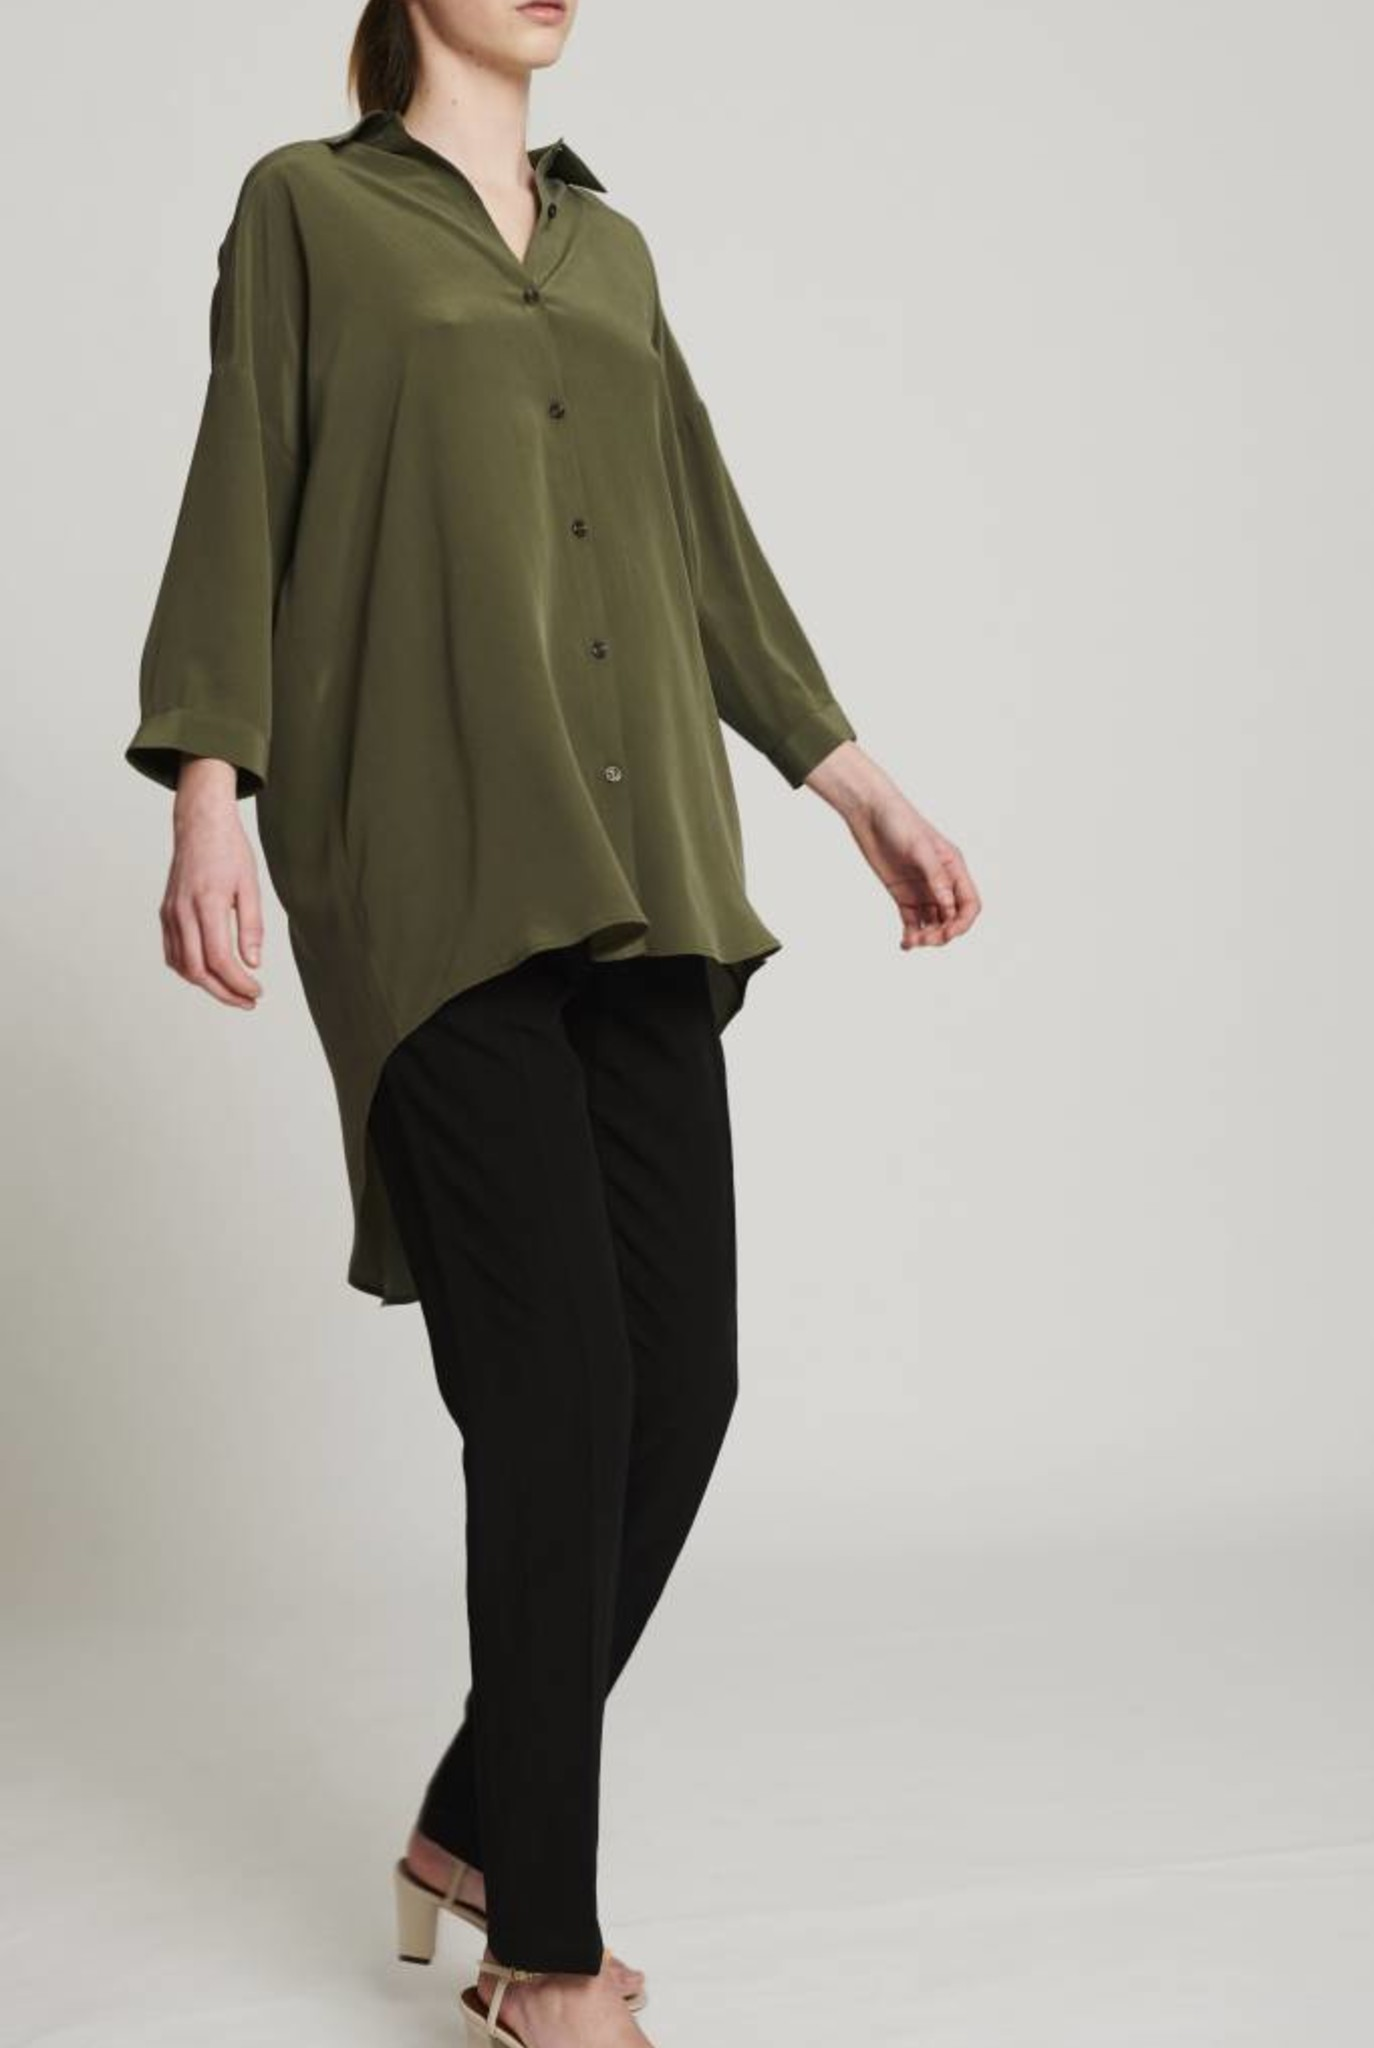 114d8b718f9e Bianca shirt Olive green Kokoon ...